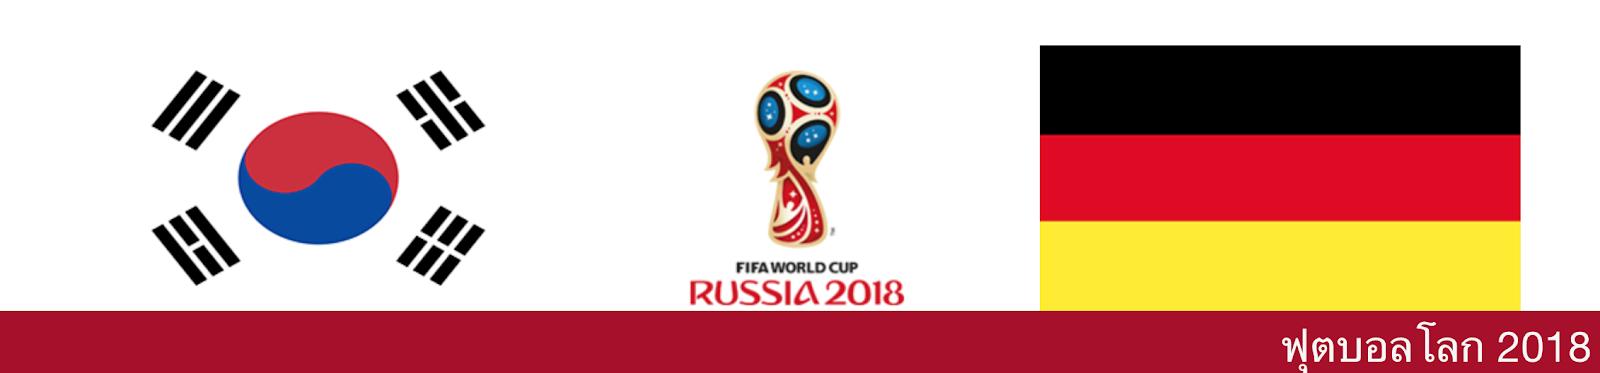 ดูบอลสด วิเคราะห์บอล ฟุตบอลโลก ระหว่าง เกาหลีใต้ vs เยอรมัน